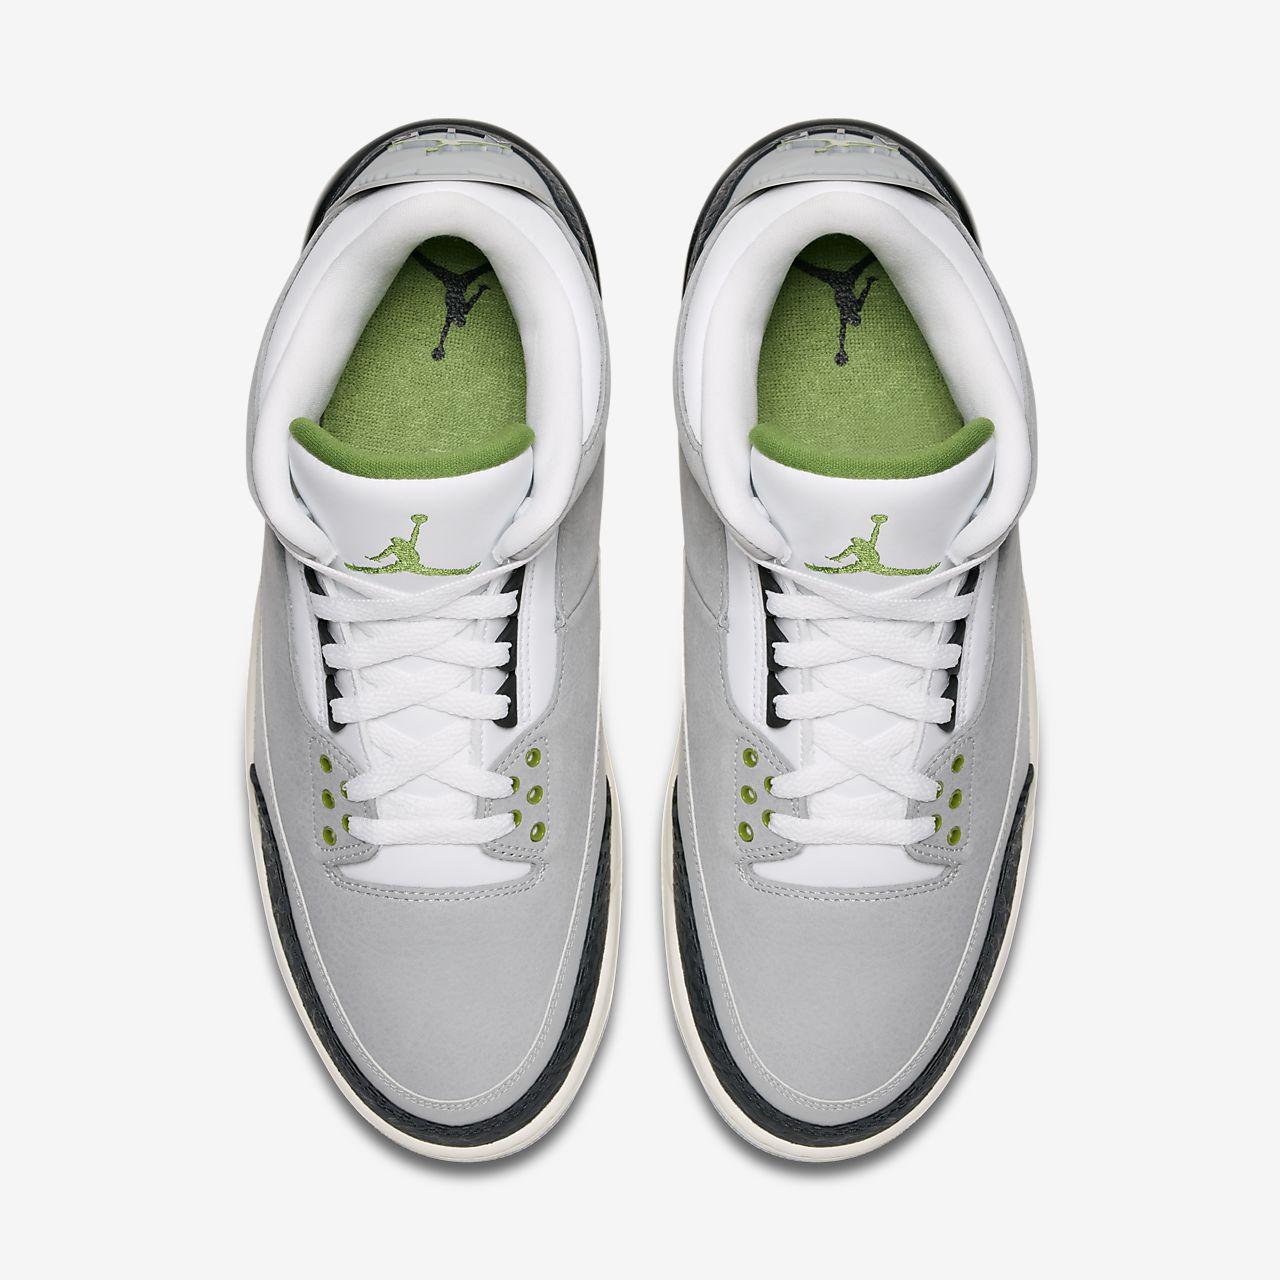 sports shoes d054f 1d118 ... Chaussure Air Jordan 3 Retro pour Homme